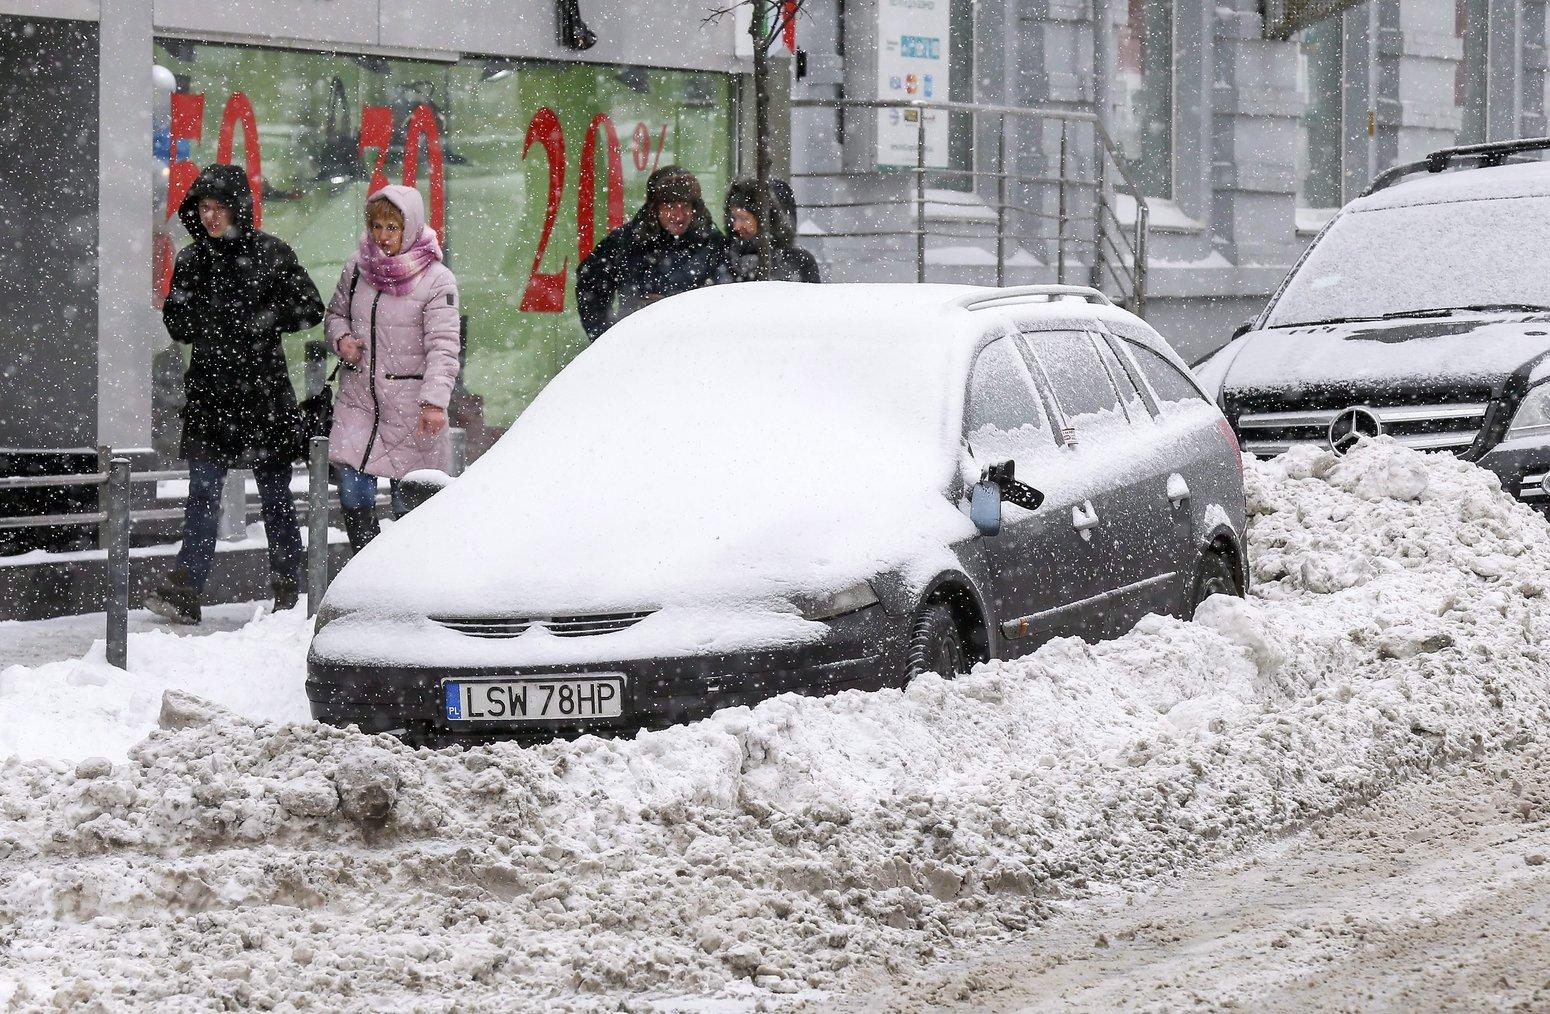 Hó fogságába rekedt autó Kijev belvárosában 2017. január 9-én (MTI/EPA/Szerhíj Dolzsenko)